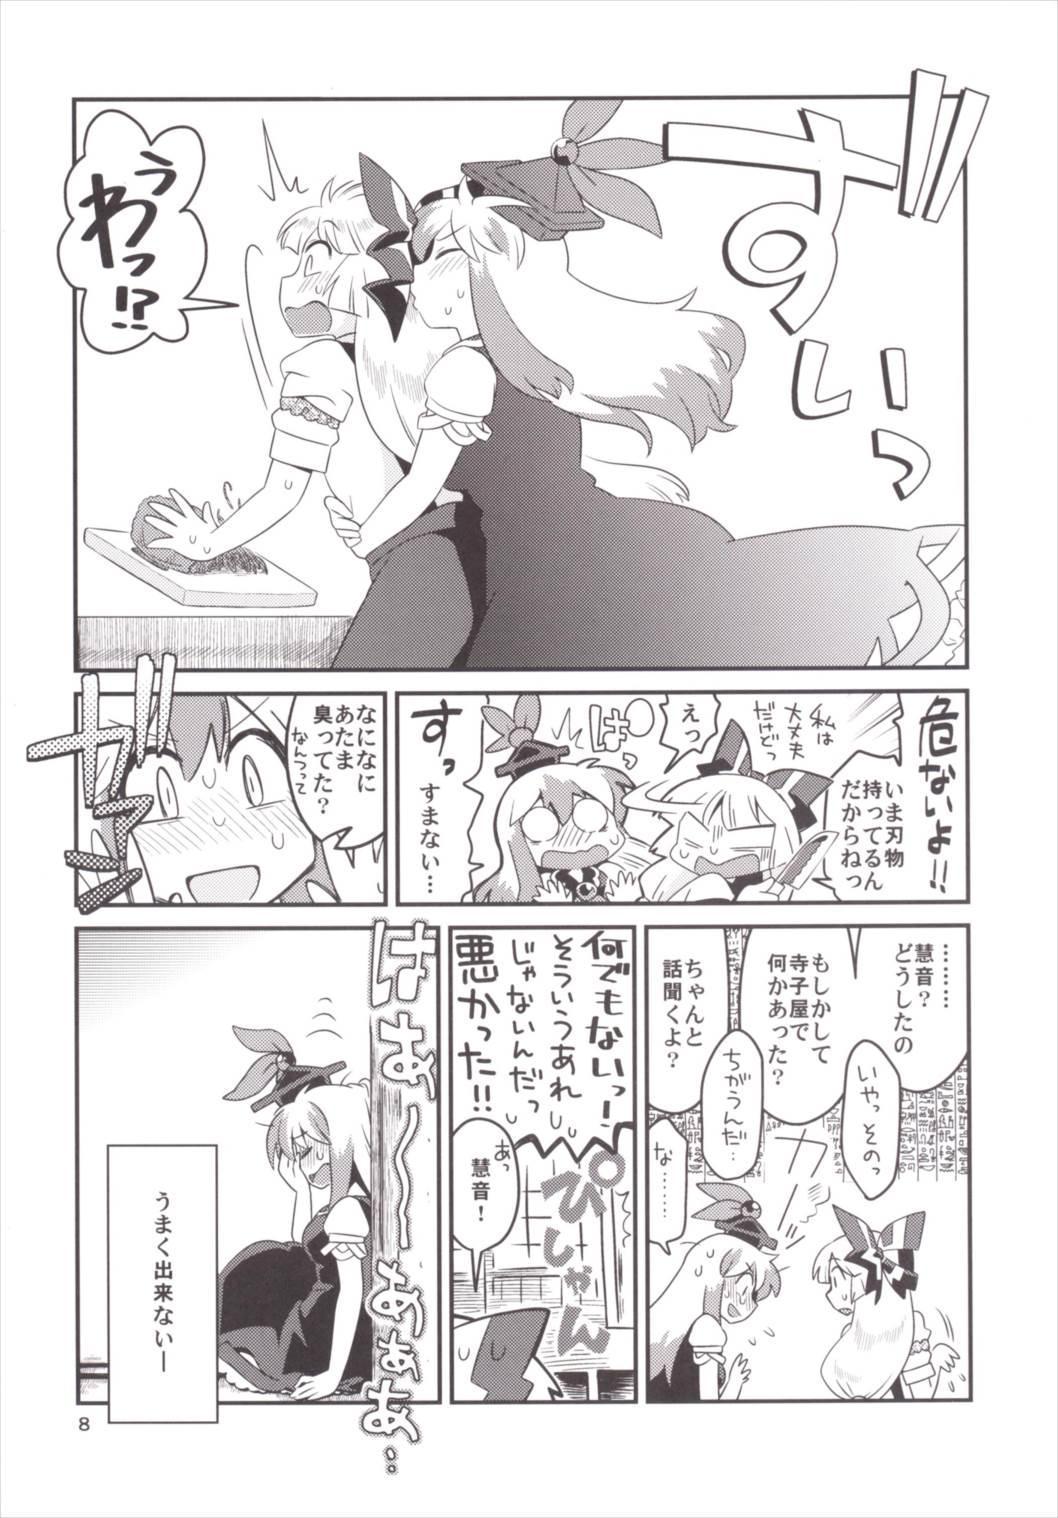 Akai Rekishi ni Midori no Spice 7 6